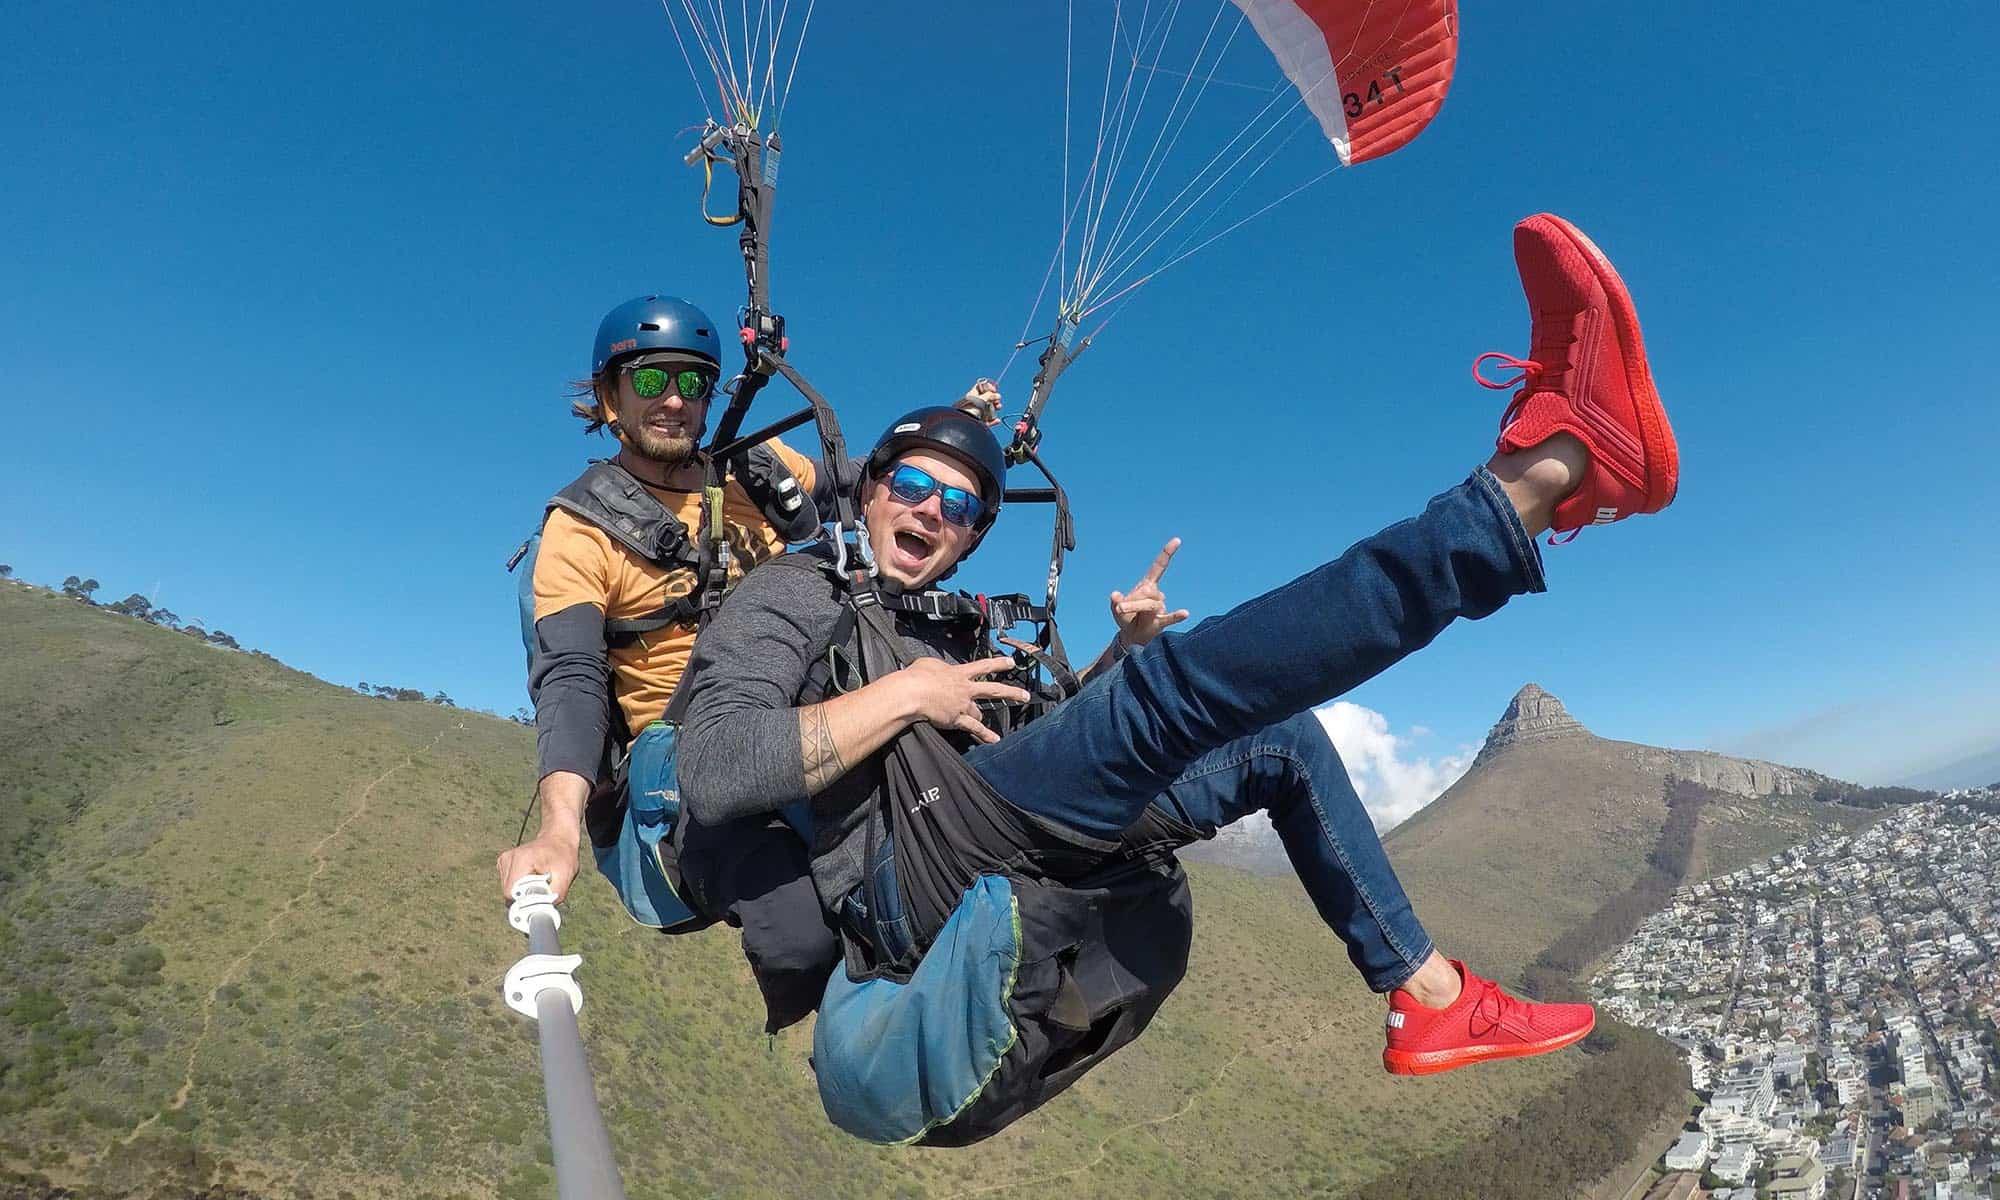 cape-hope-paragliding-03